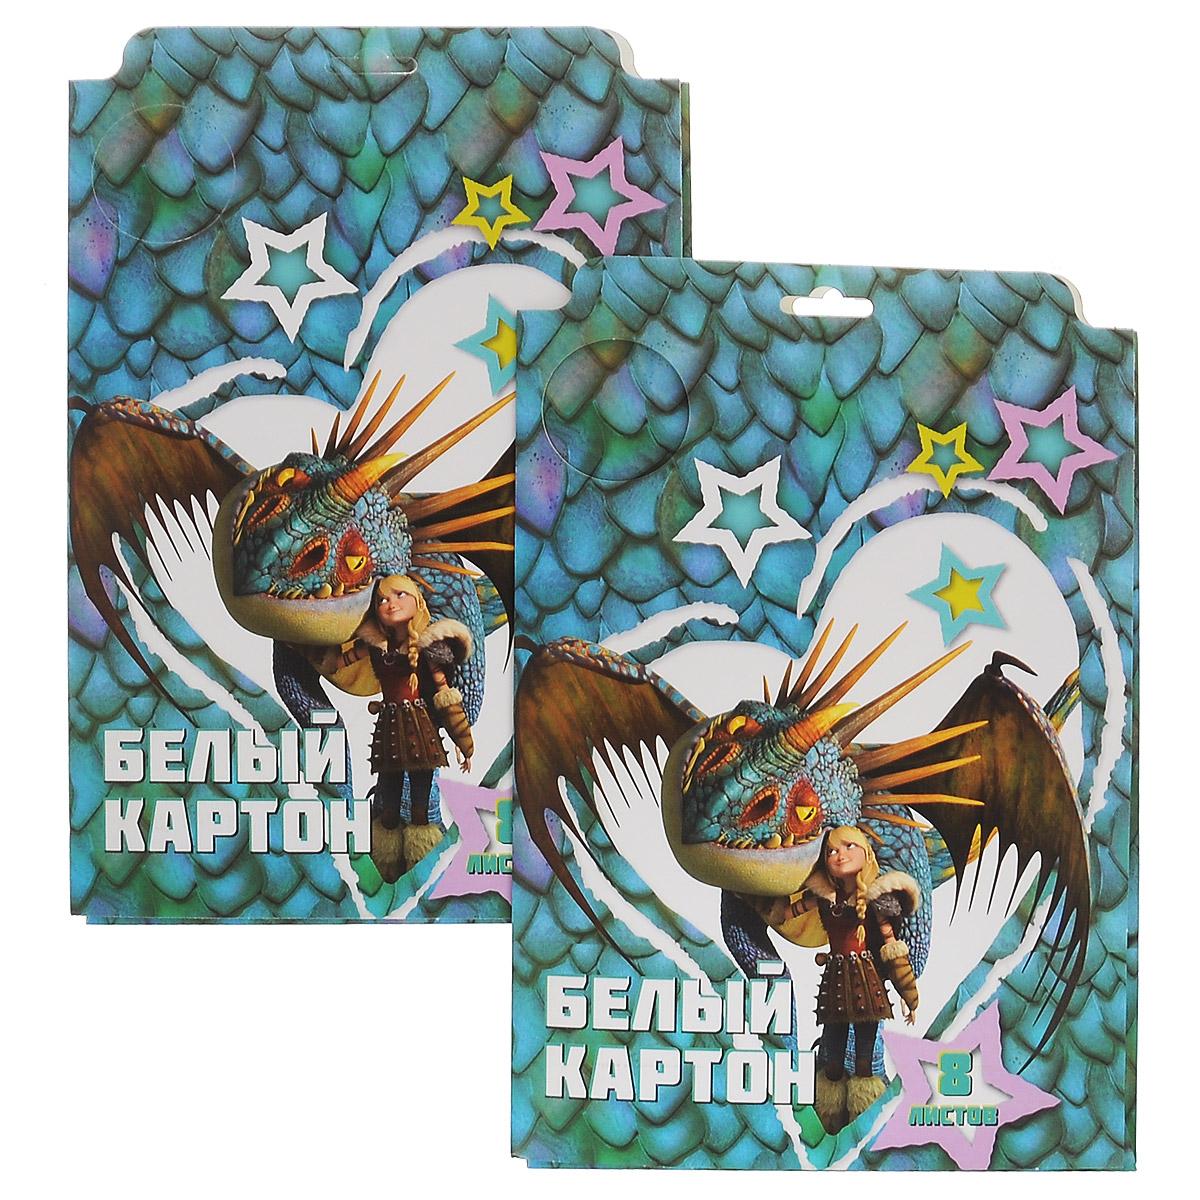 Action! Картон белый Dragons, мелованный, 8 листов, 2 штDR-AWP-8/8Картон мелованный белый Action! Dragons позволит вашему ребенку создавать всевозможные аппликации и поделки. Набор состоит из 8 листов картона белого цвета формата А4. Листы упакованы в оригинальную картонную папку, оформленную изображением героев Dragons. Создание поделок из картона поможет ребенку в развитии творческих способностей, кроме того, это увлекательный досуг.В комплекте 2 набора по 8 листов.Рекомендуемый возраст от 6 лет.